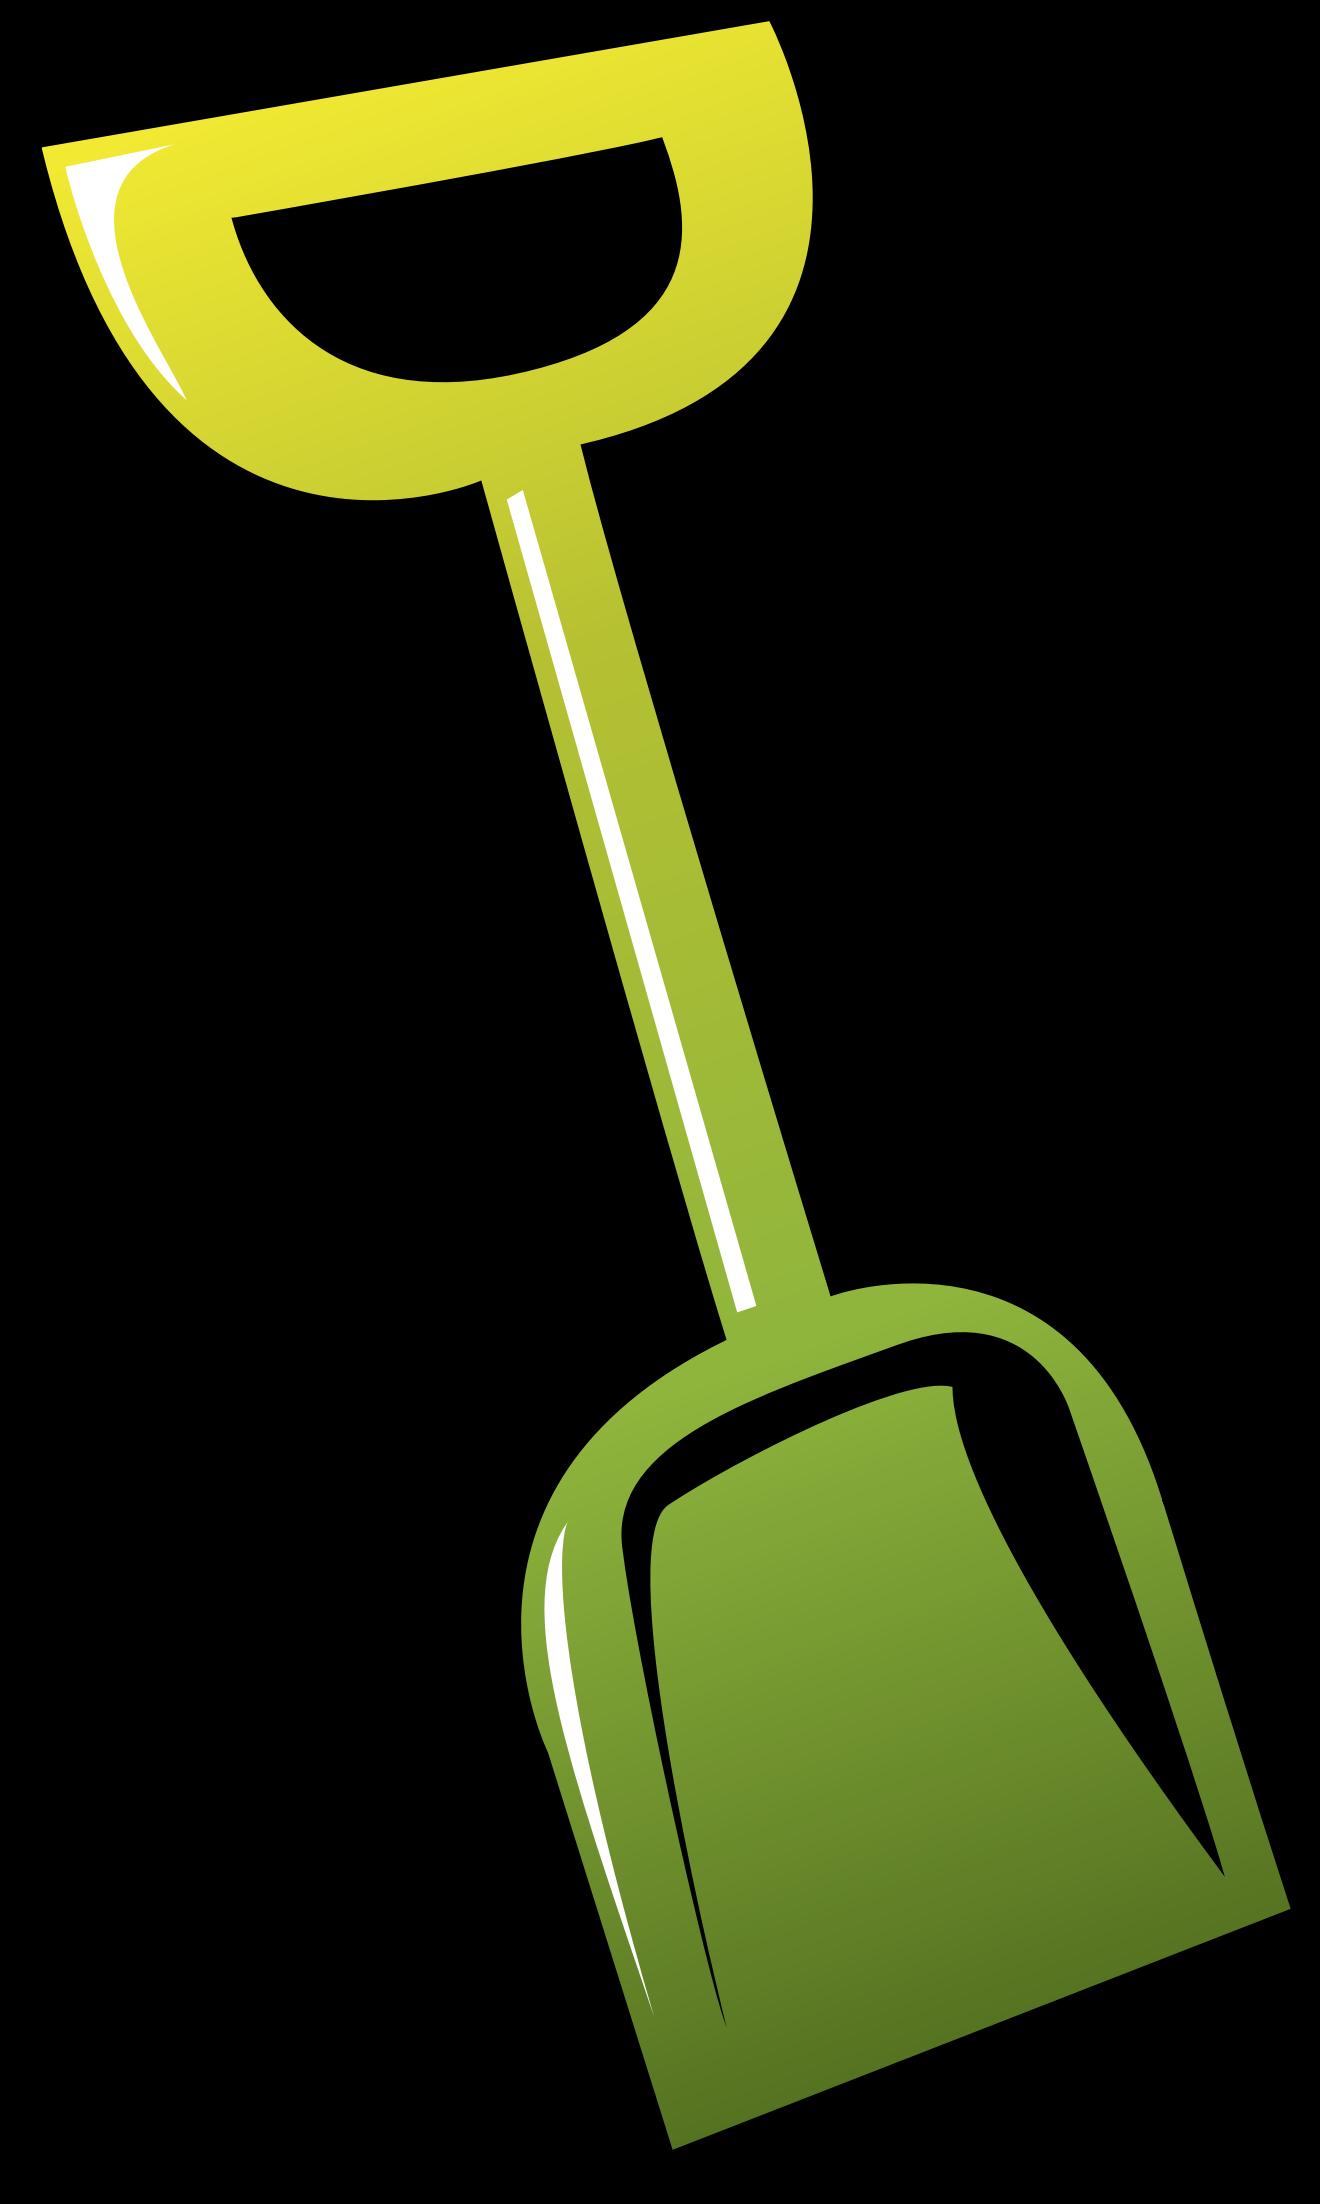 Sand Shovel Clipart Clipart - summer shovel